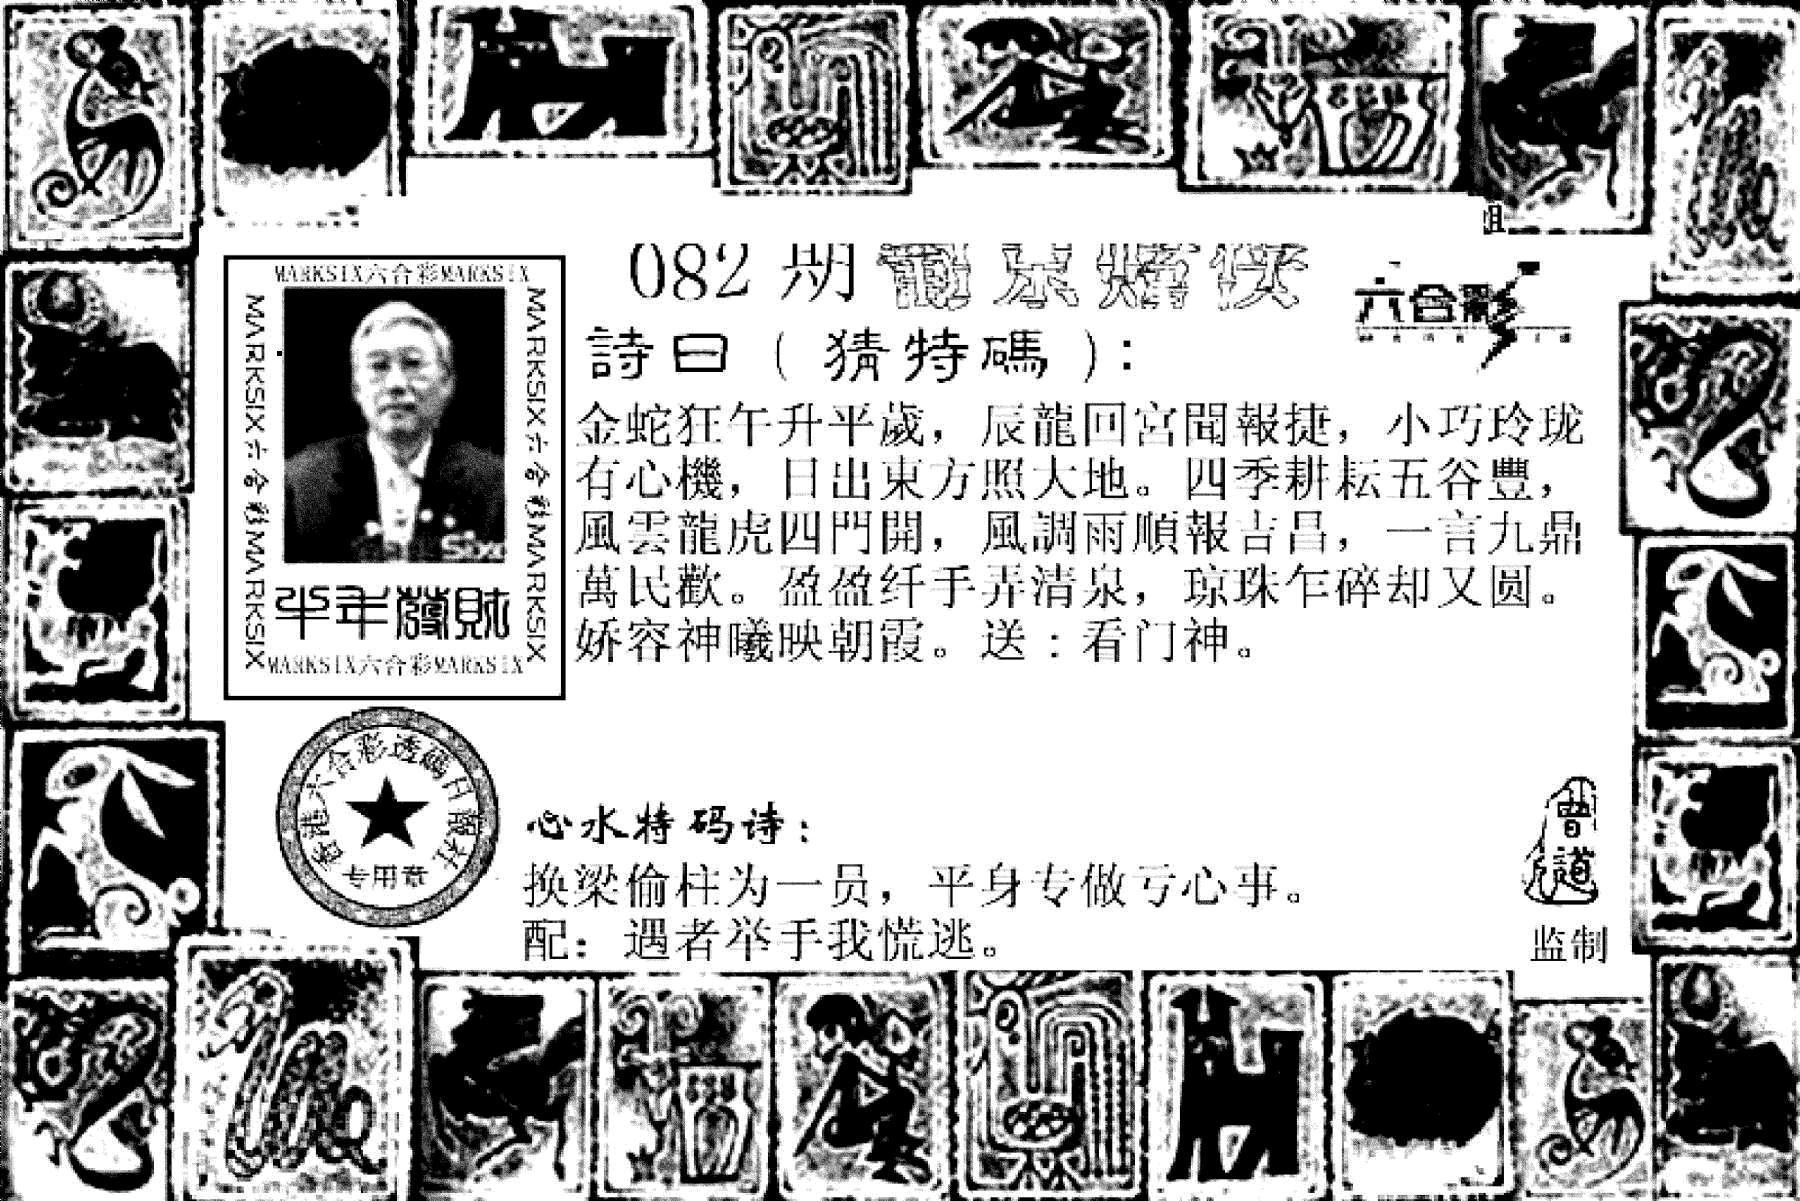 082期葡京赌侠(新)(黑白)